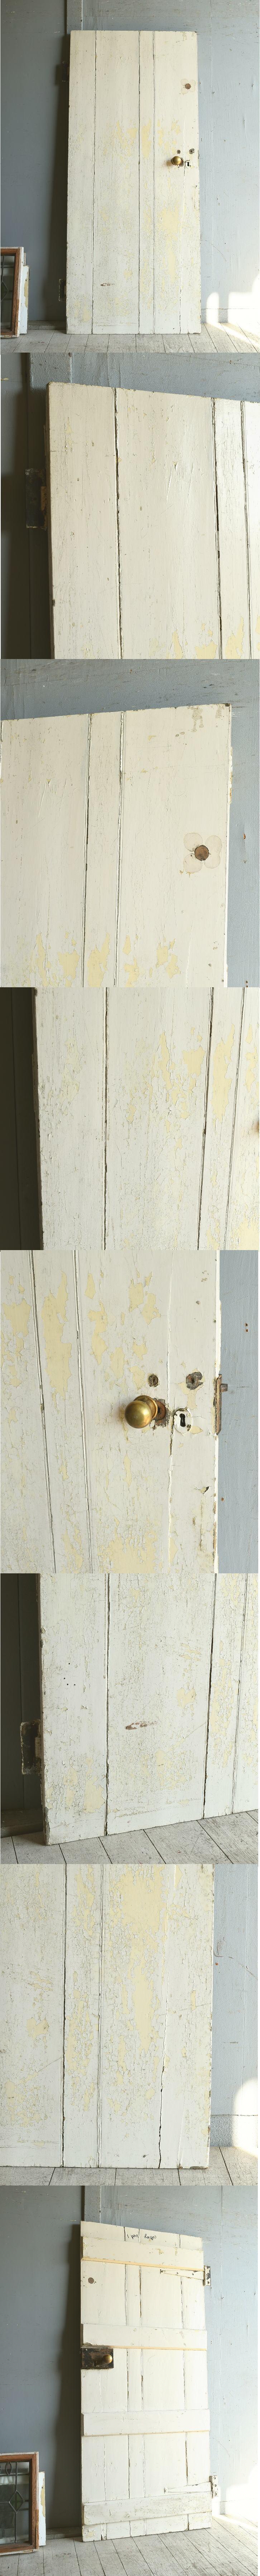 イギリス アンティーク ドア 扉 建具 9584